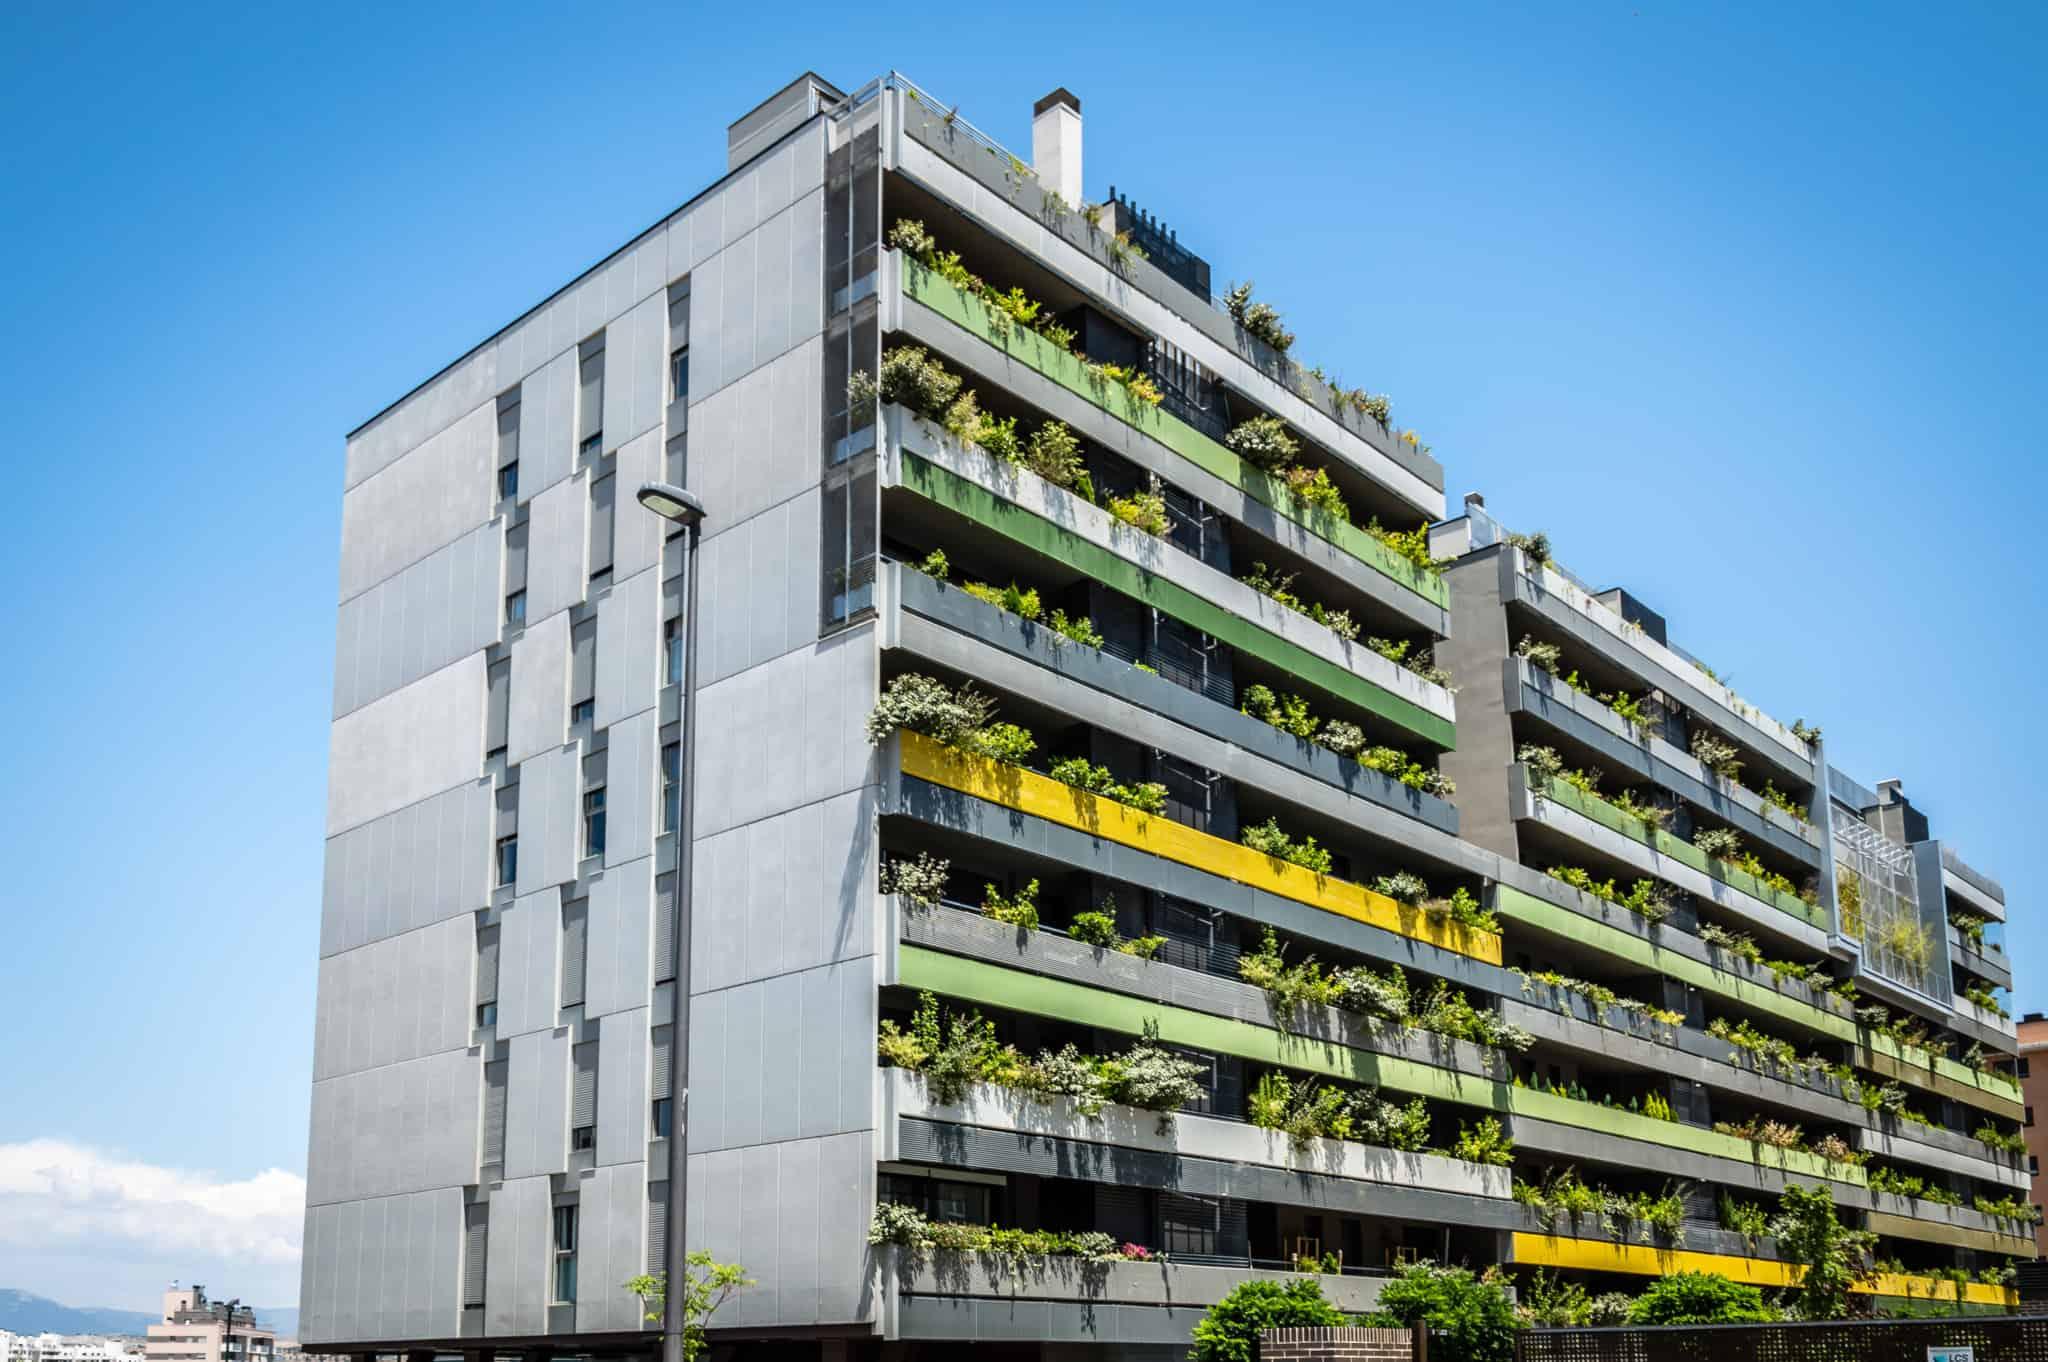 prédio moderno com varandas com plantas e 8 andares